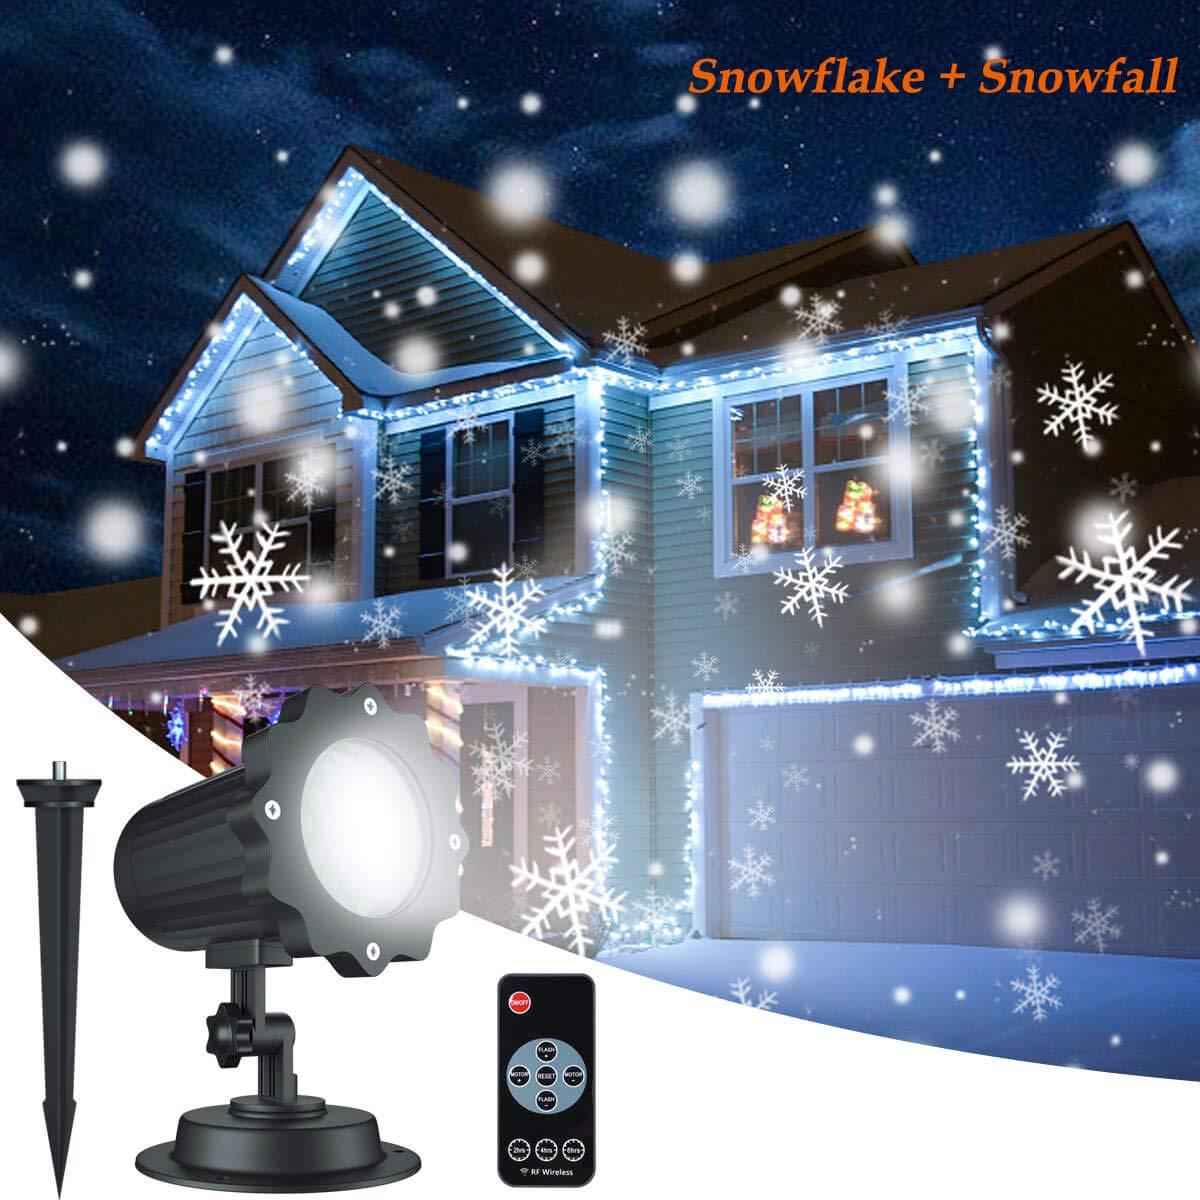 Amazon.com: Christmas Snowflake Projector Lights, ALOVECO Rotating ...